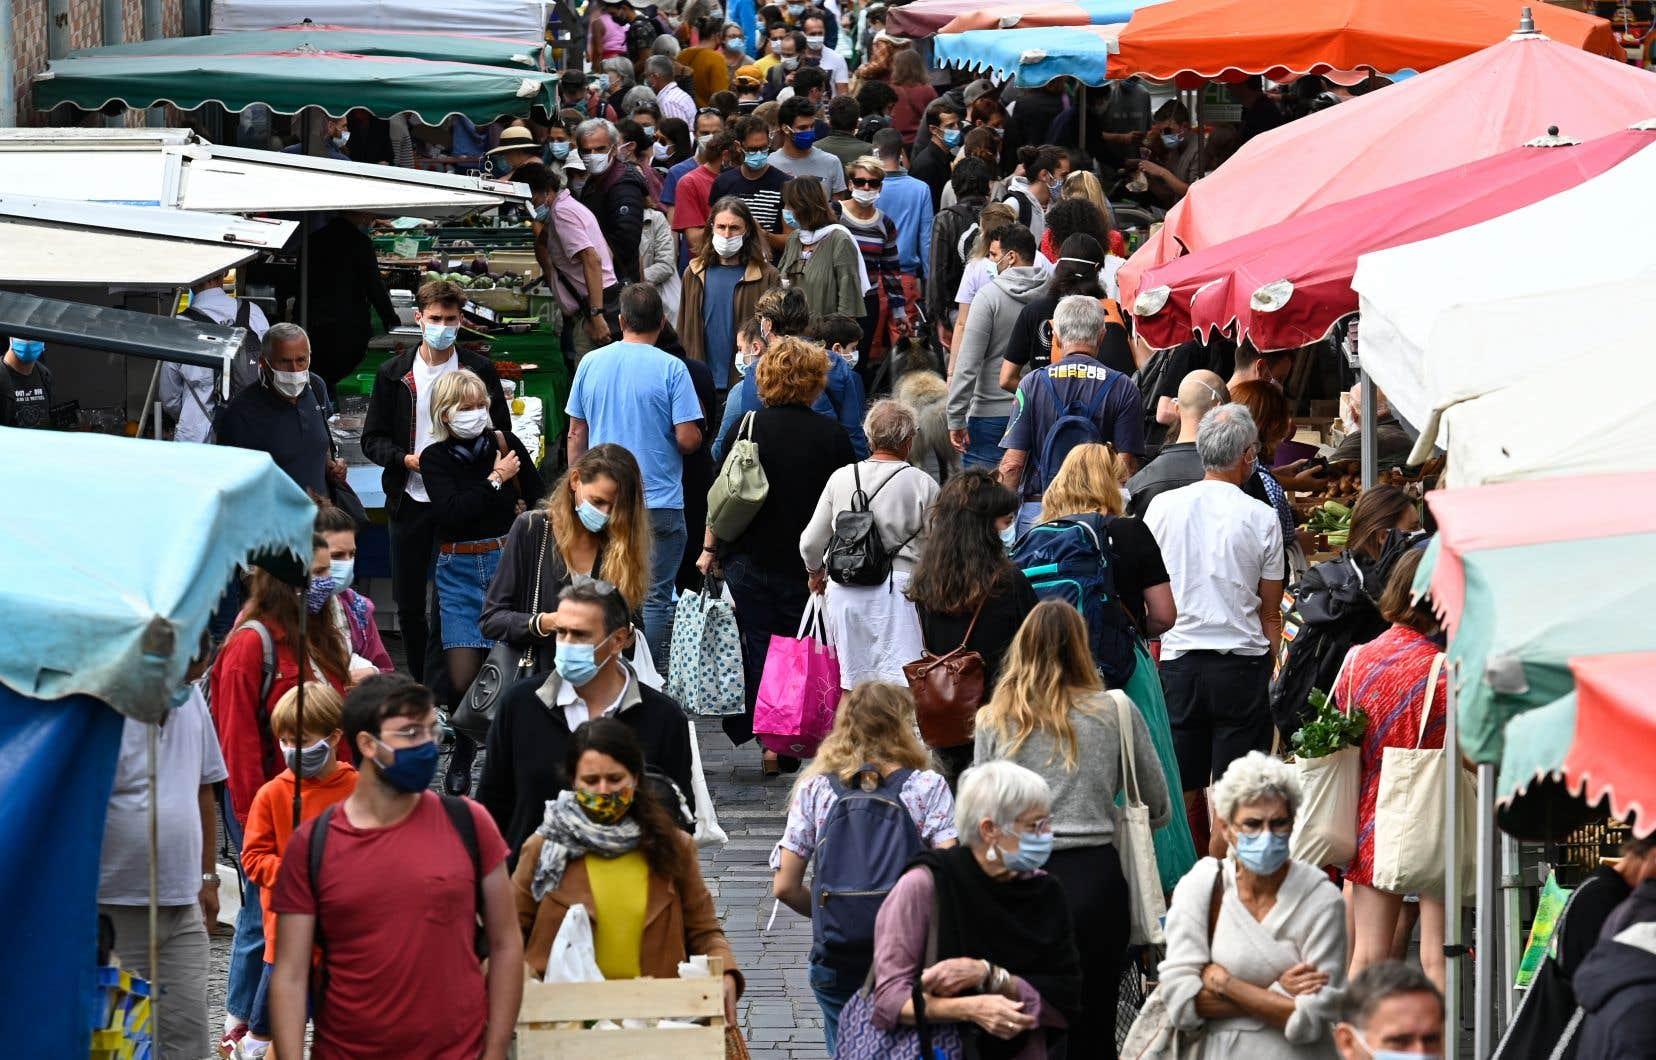 <p>Des études suggèrent que le variant, qui est apparu pour la première fois au Royaume-Uni avant de proliférer dans plusieurs pays, est de 50 à 70% plus transmissible que les souches antérieures.</p>